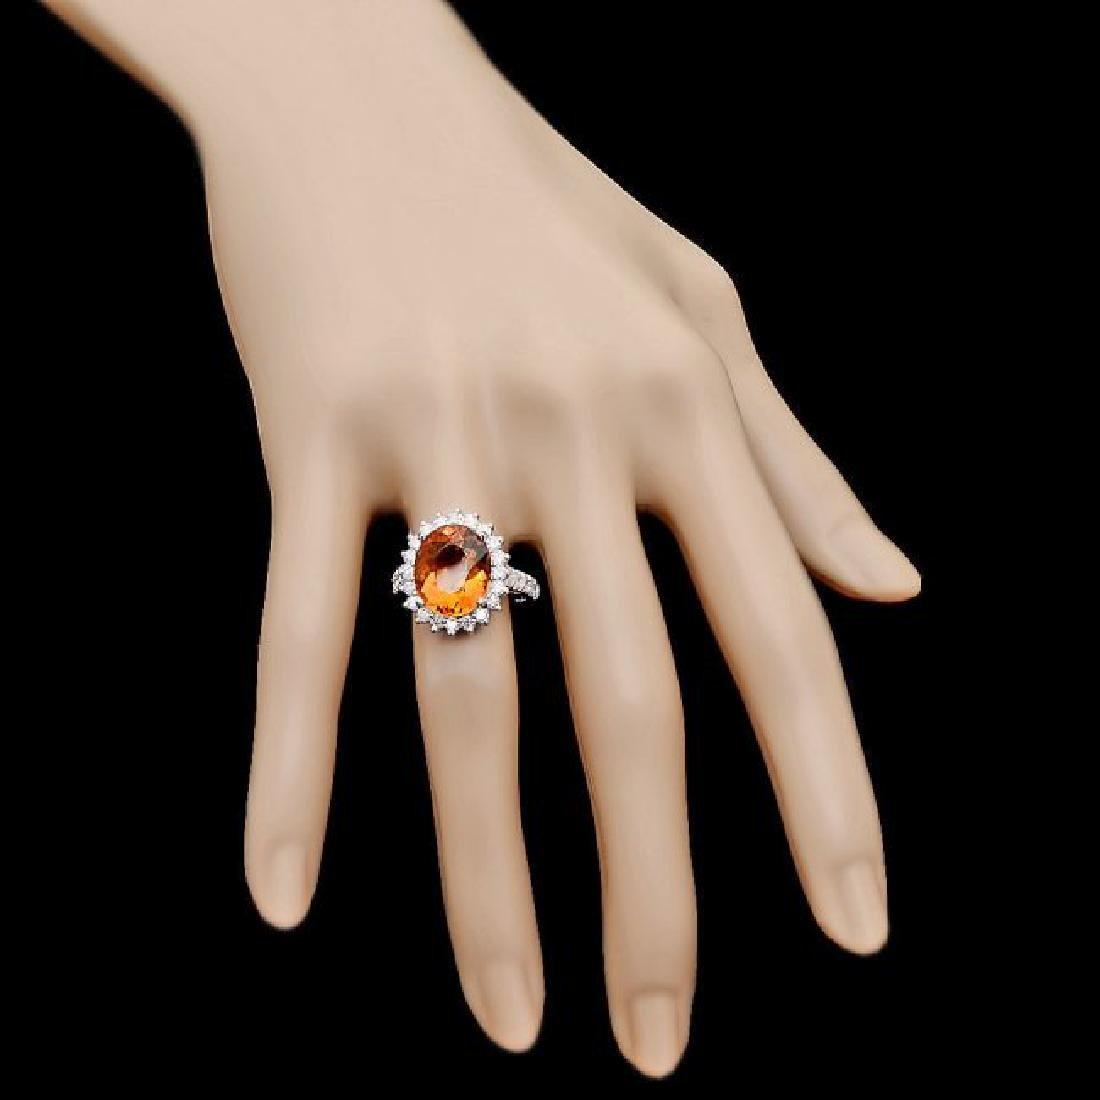 14k White Gold 5.00ct Citrine 1.05ct Diamond Ring - 4